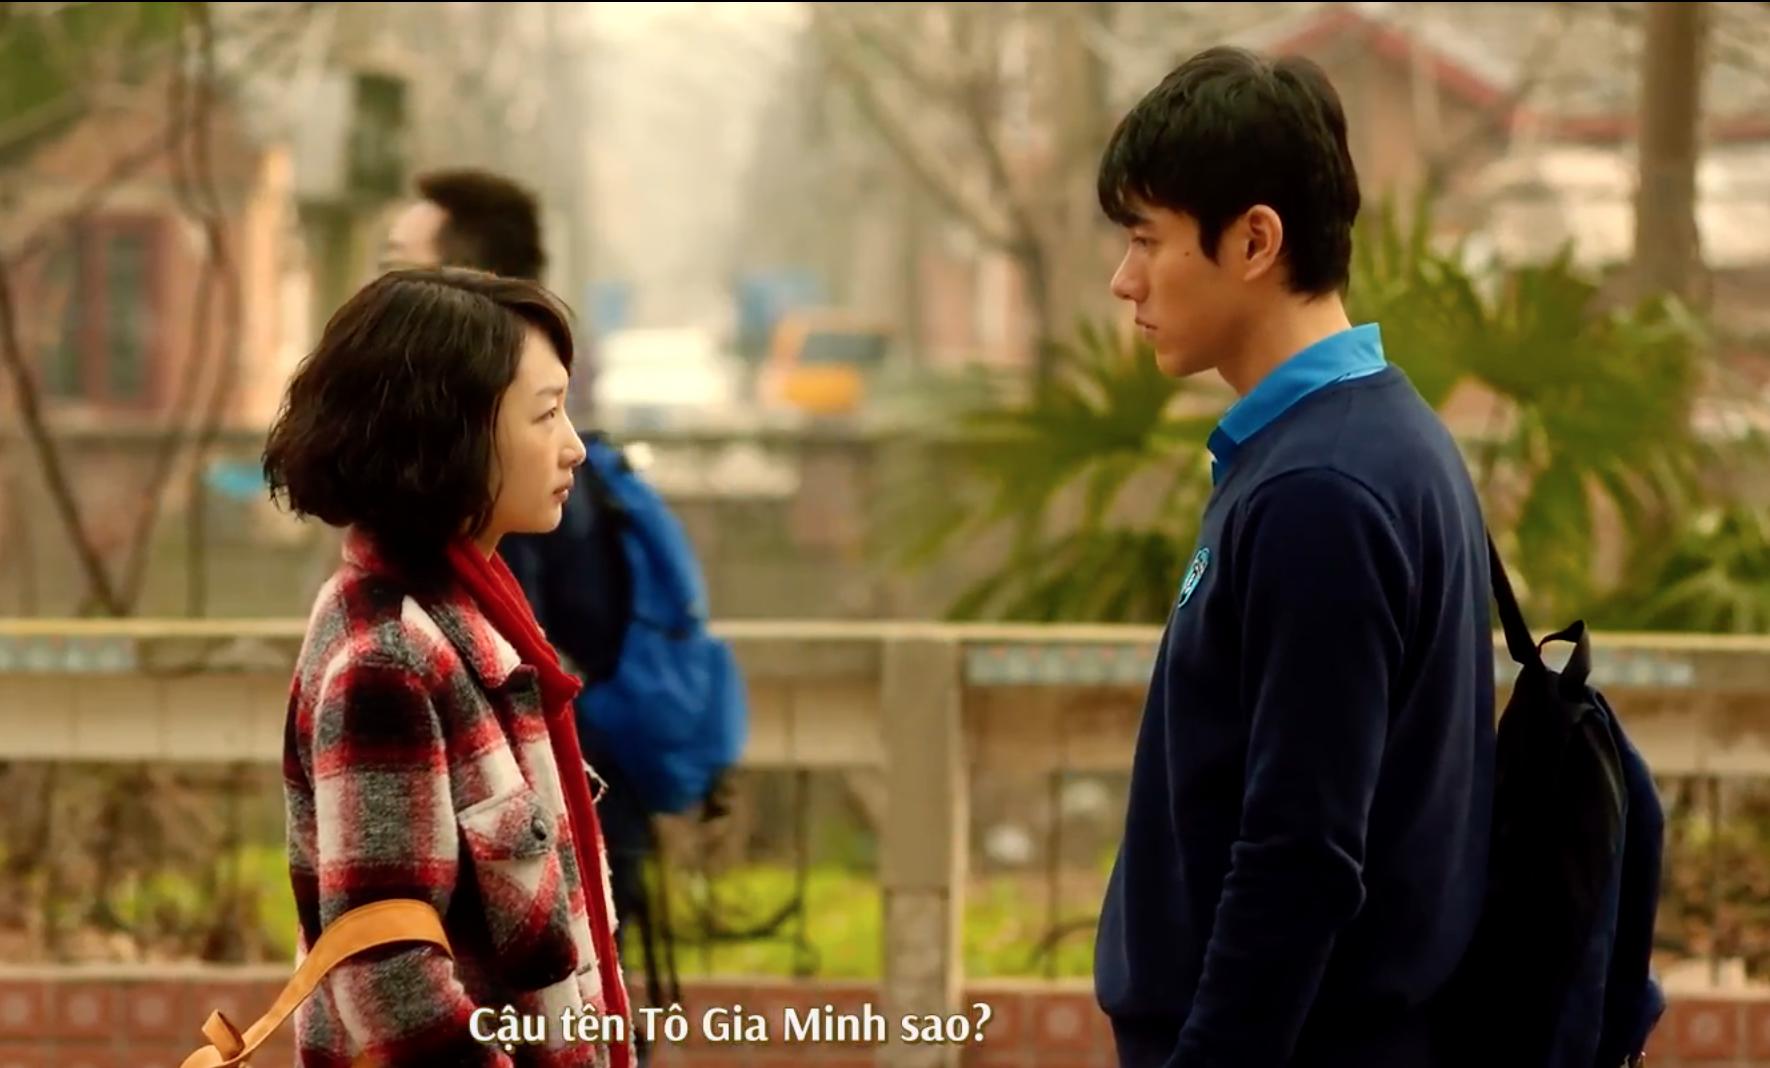 Thất Nguyệt và An Sinh: Hai cô gái gắn bó với nhau suốt một đời, ăn cùng mâm, ngủ cùng giường và yêu cùng một người - Ảnh 8.